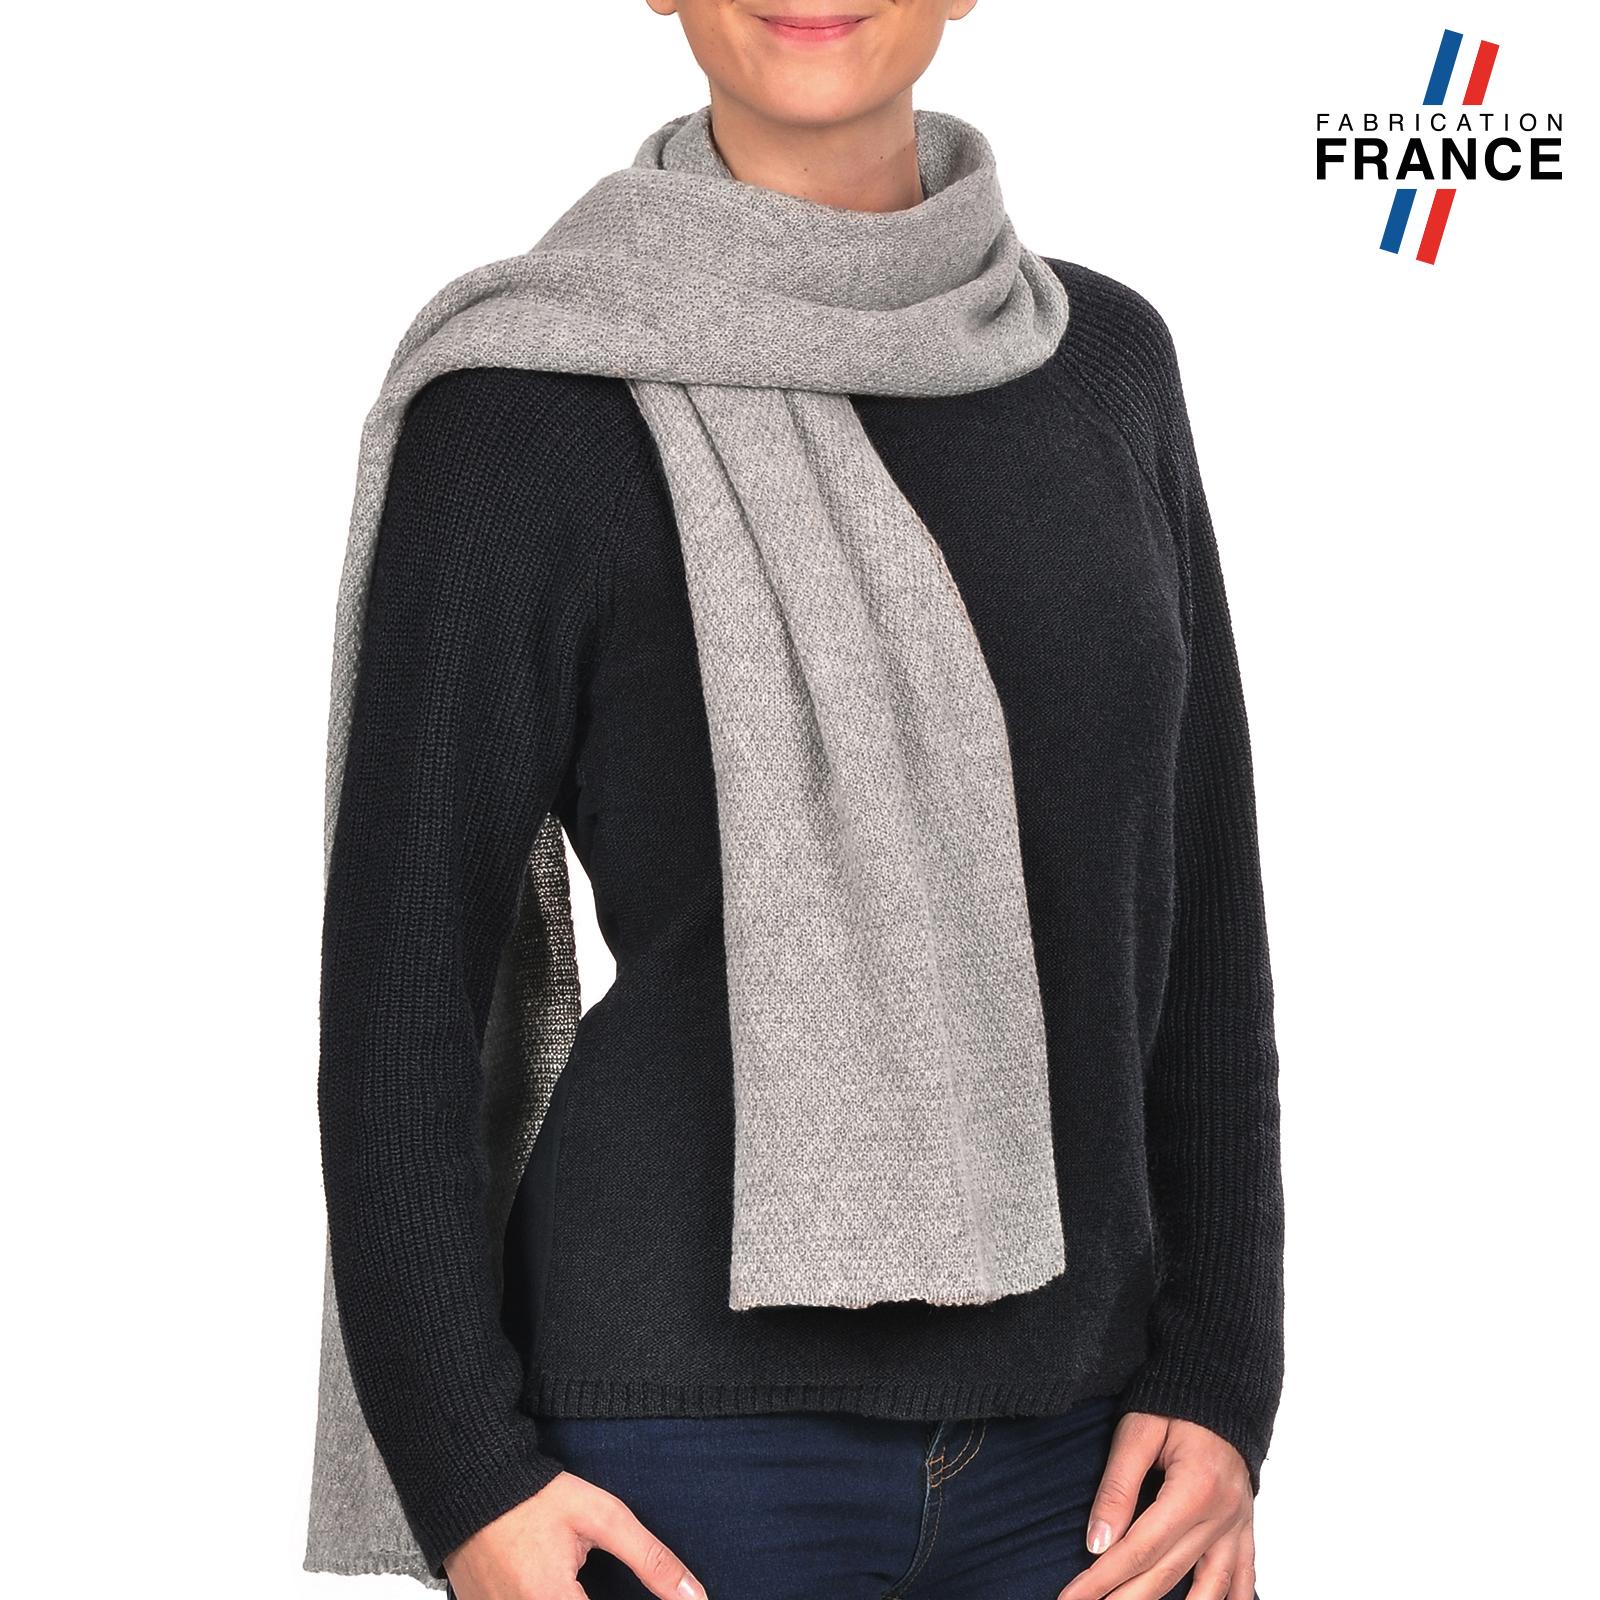 Echarpe laine grise grande echarpe noire   Arts4a d1e7b3861a2